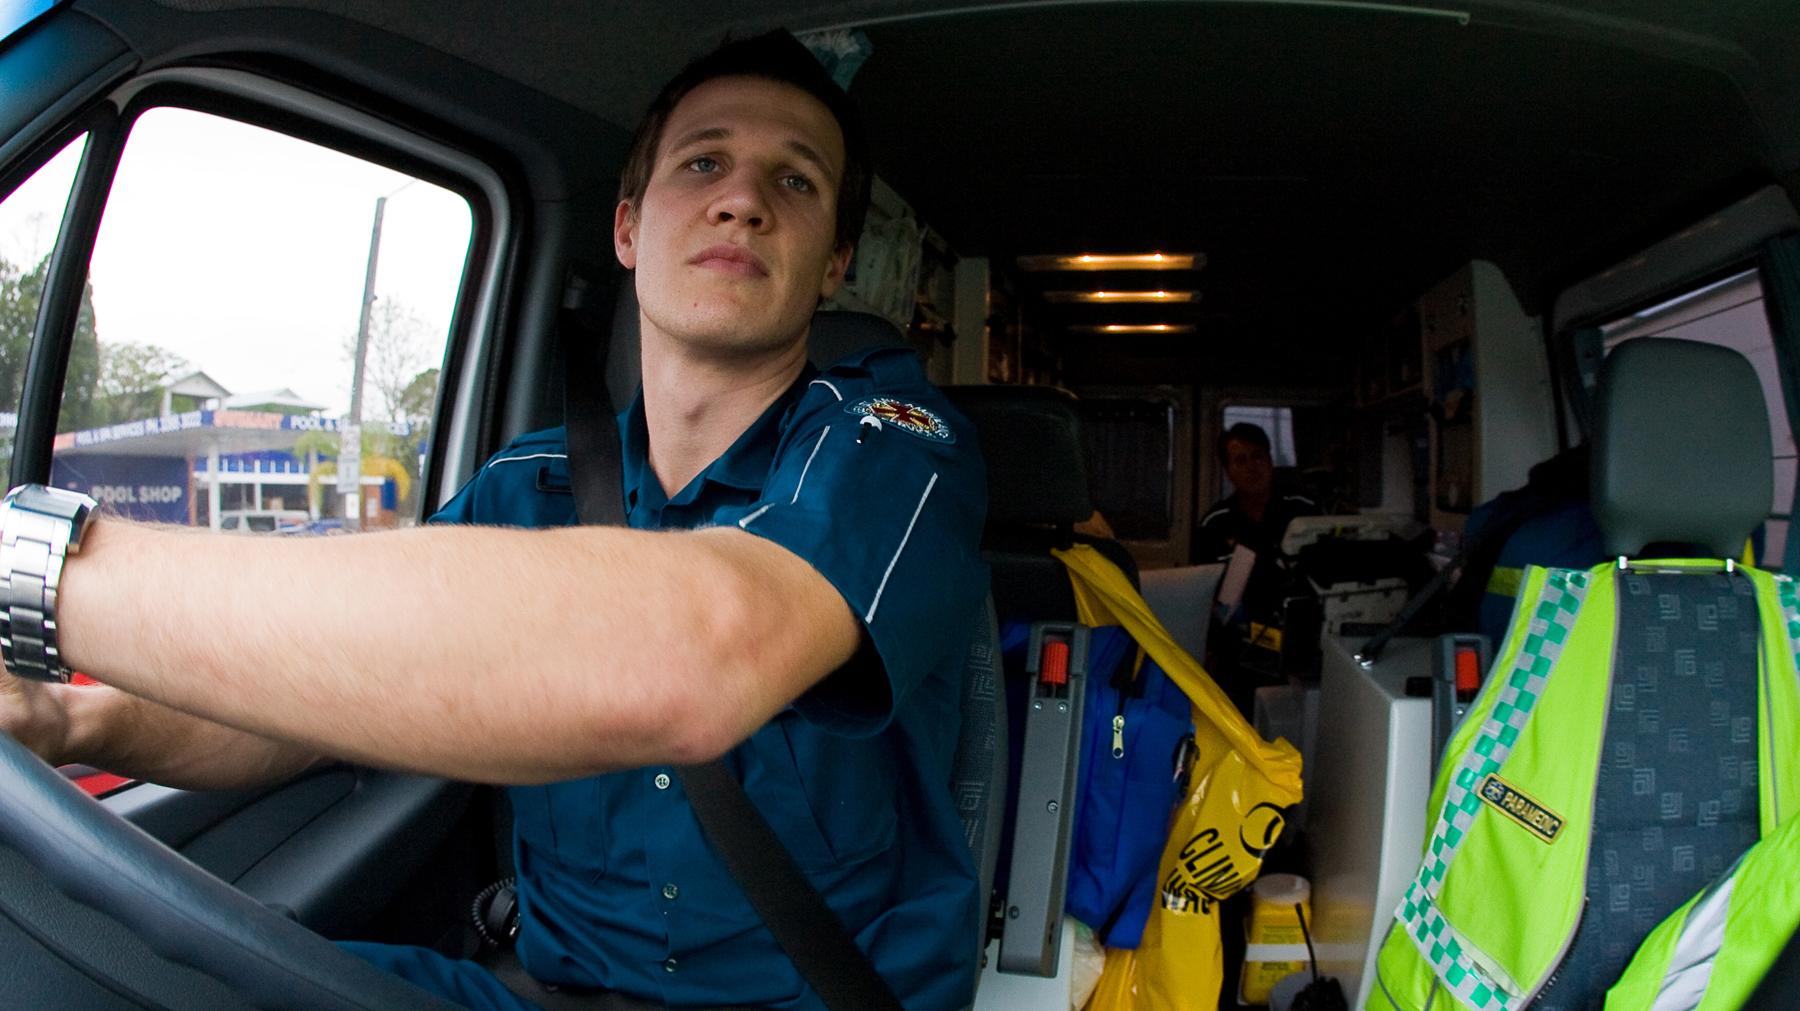 First aid kits qld ambulance rockhampton